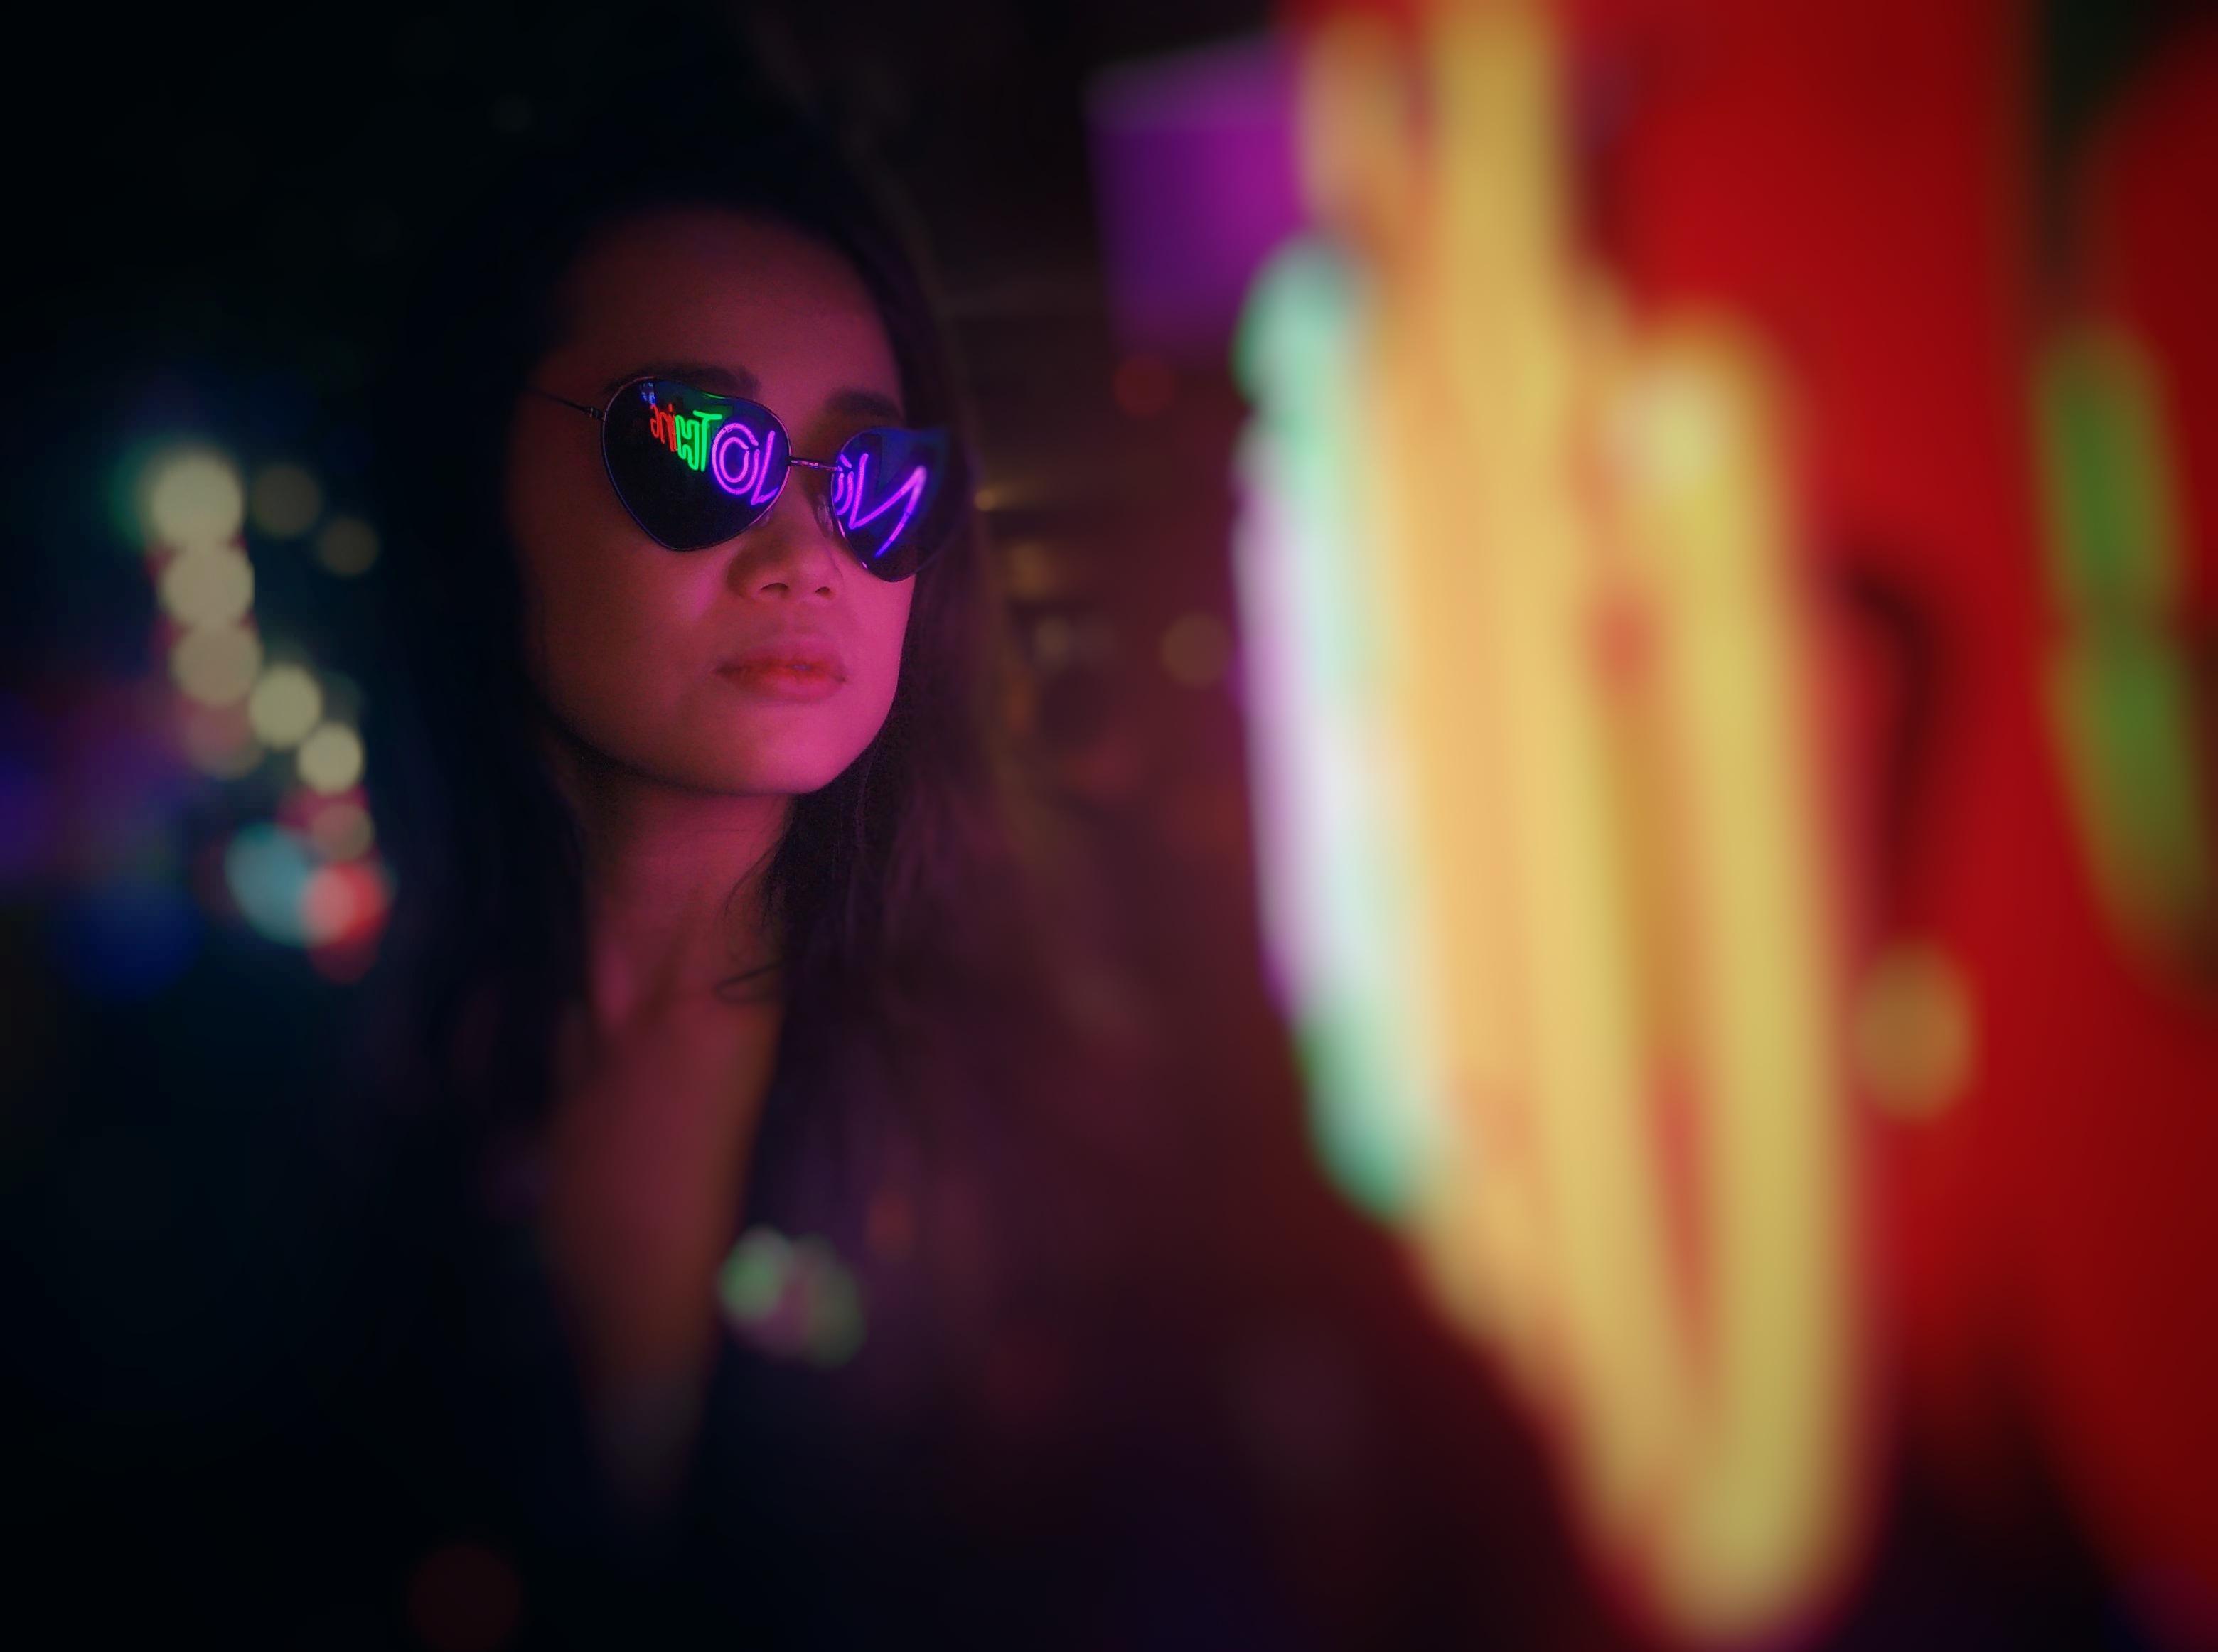 Haruka: A Study in Neon